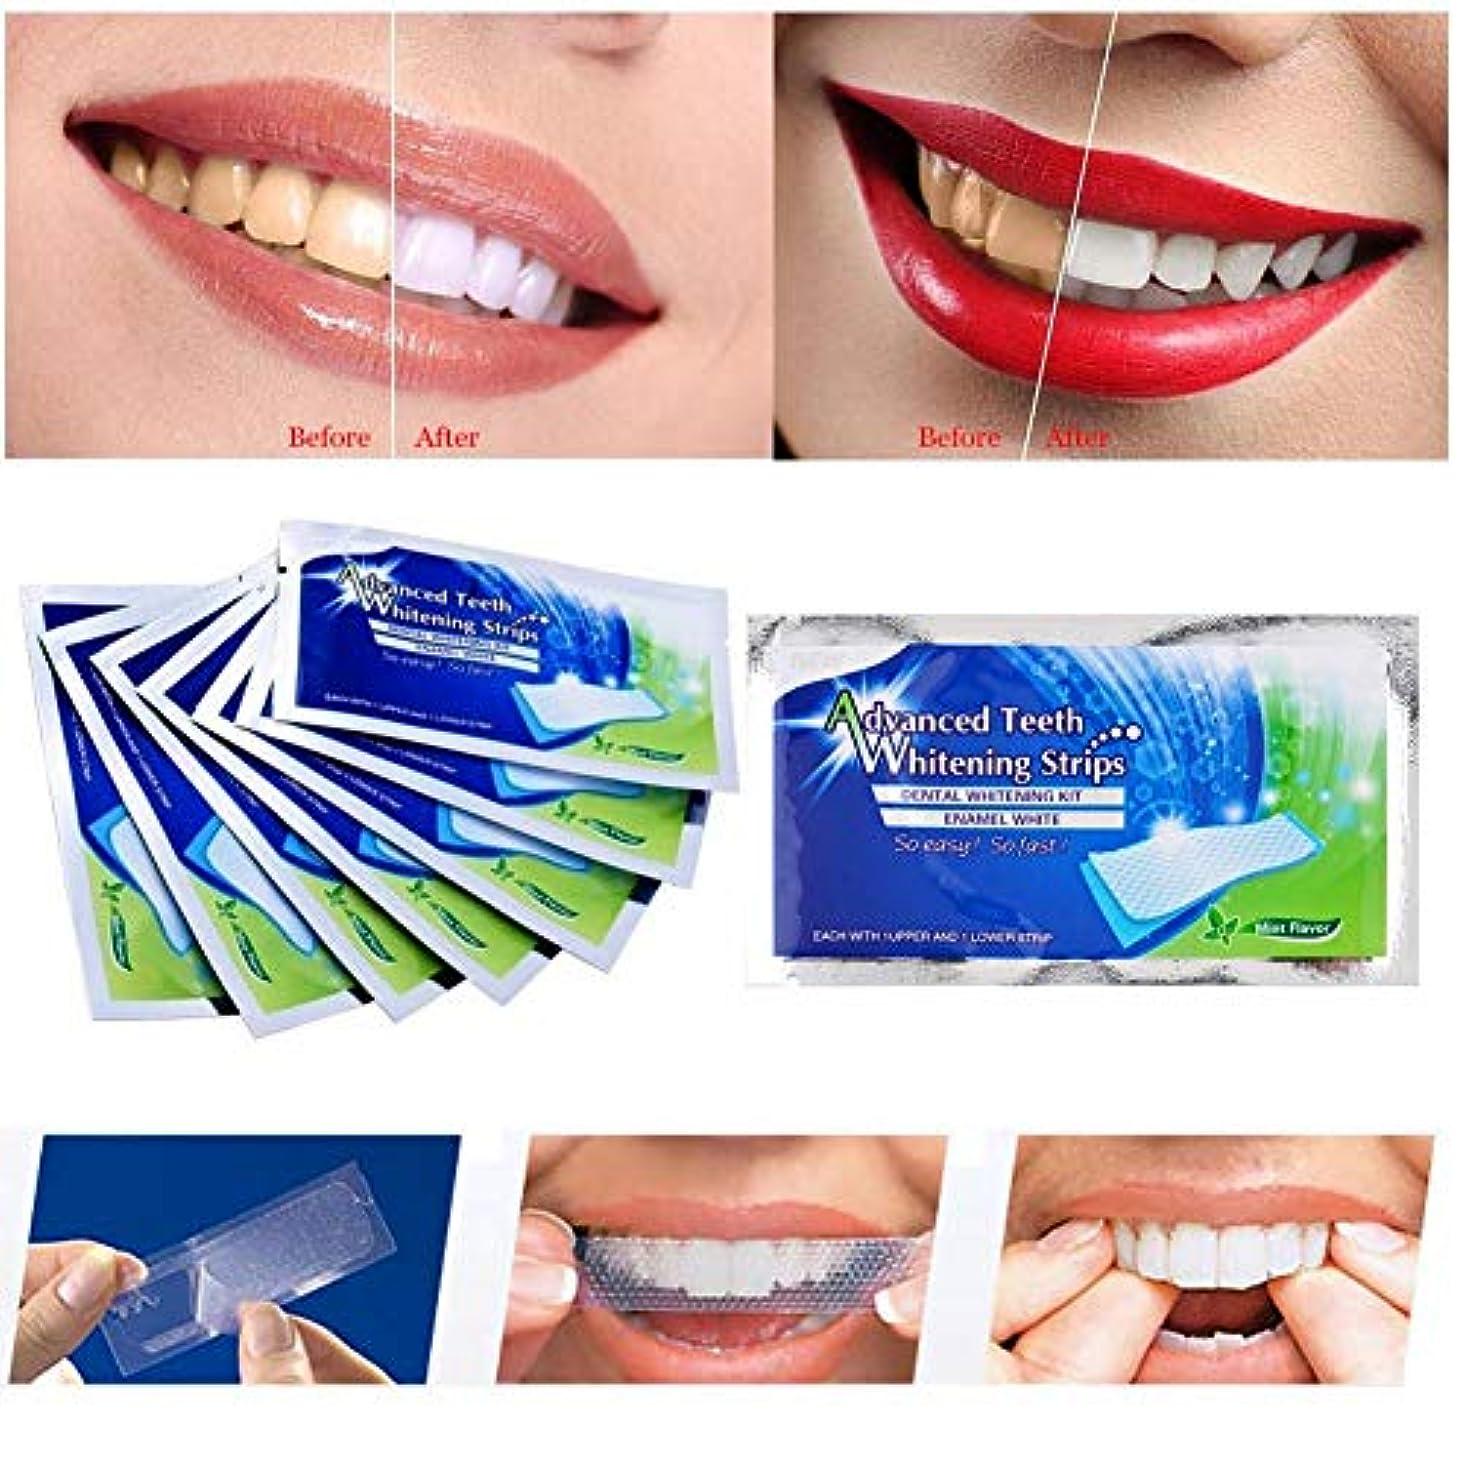 逃げる廃止するより平らな(最高の品質と価格)20pcs(10bag)歯ホワイトニングストリップ歯科治療用の完璧なツール (Best Quality and Price) 20pcs (10bag) Teeth Whitening Strips...